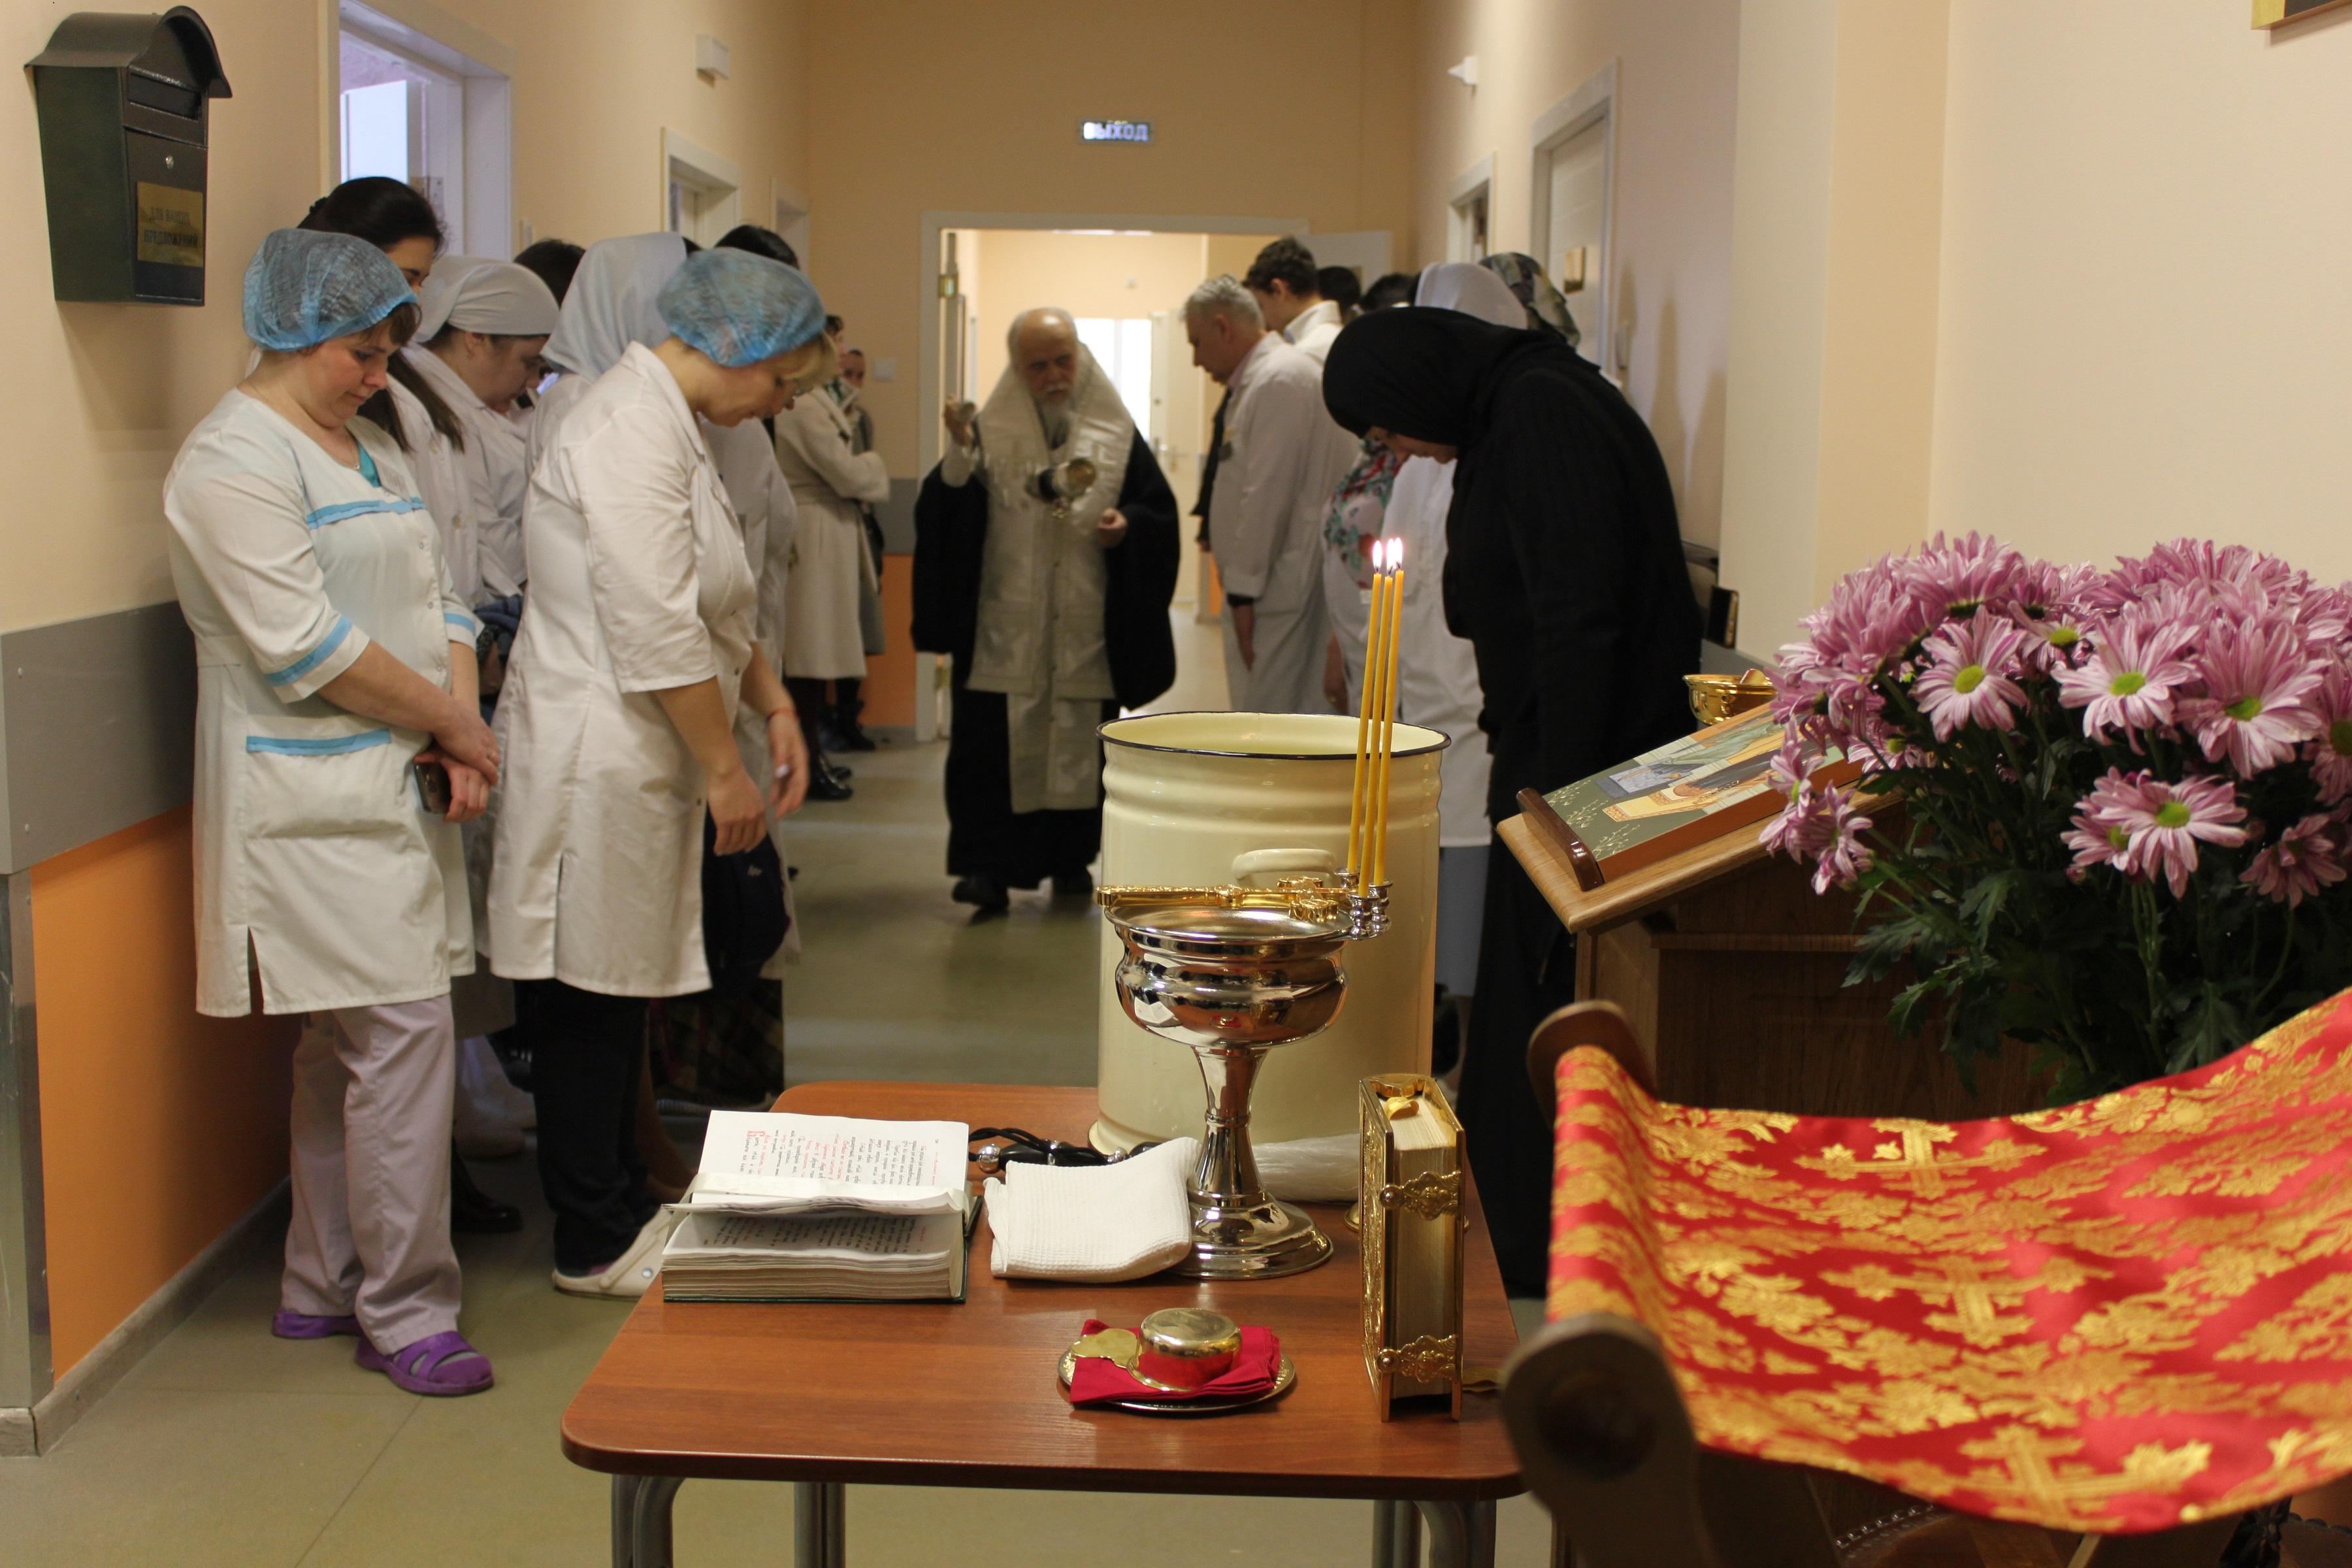 В Москве открылось новое паллиативное отделение для тяжелобольных людей